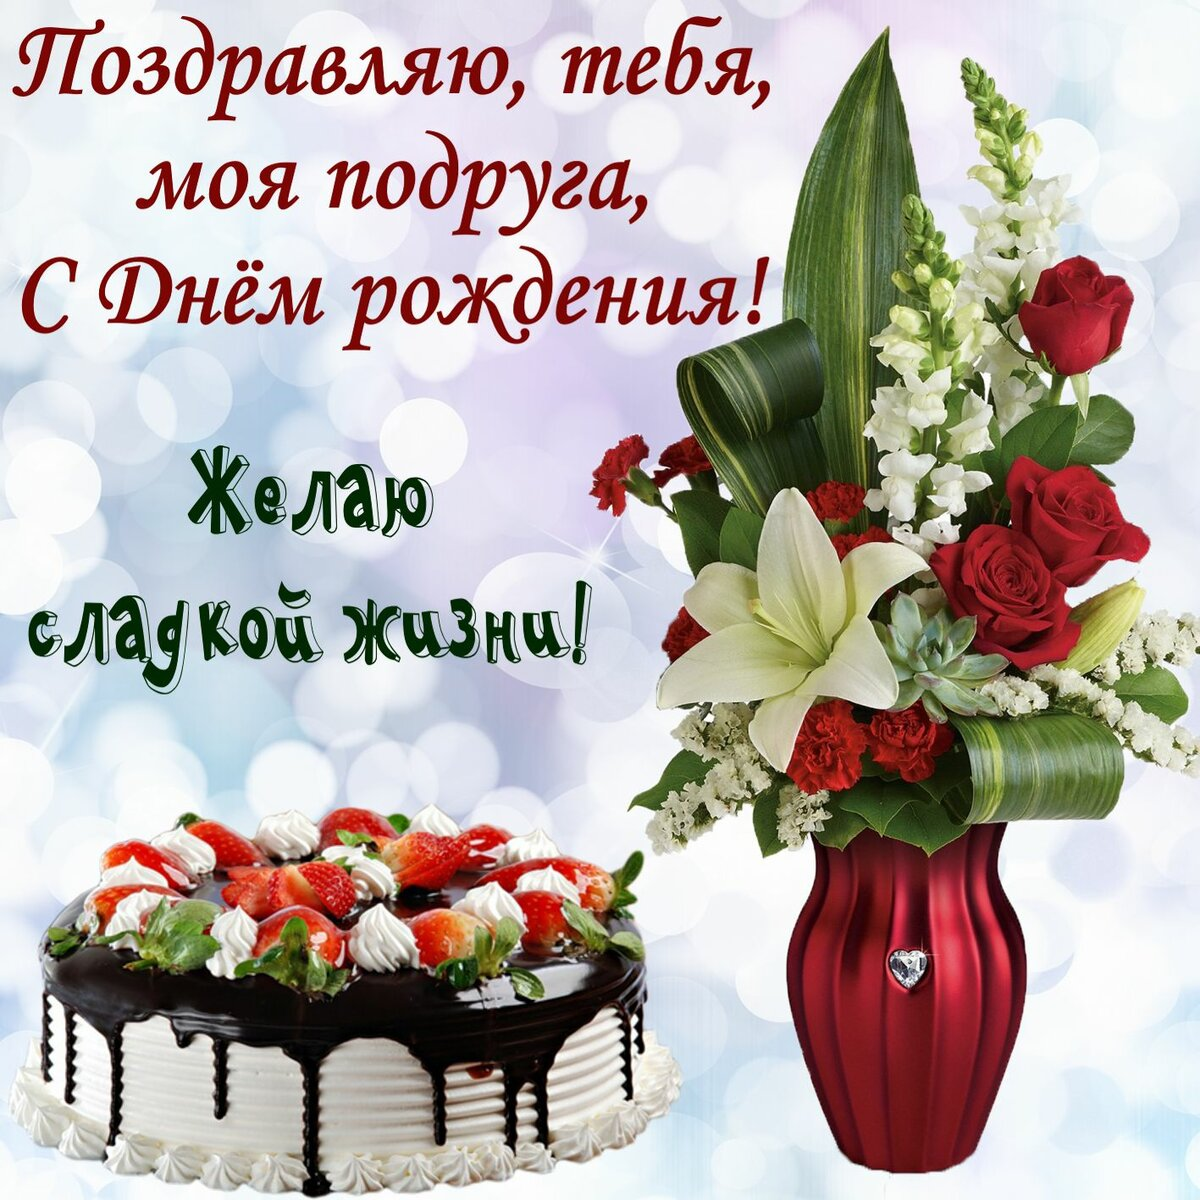 Поздравление подруге с днем рождения видео открытка